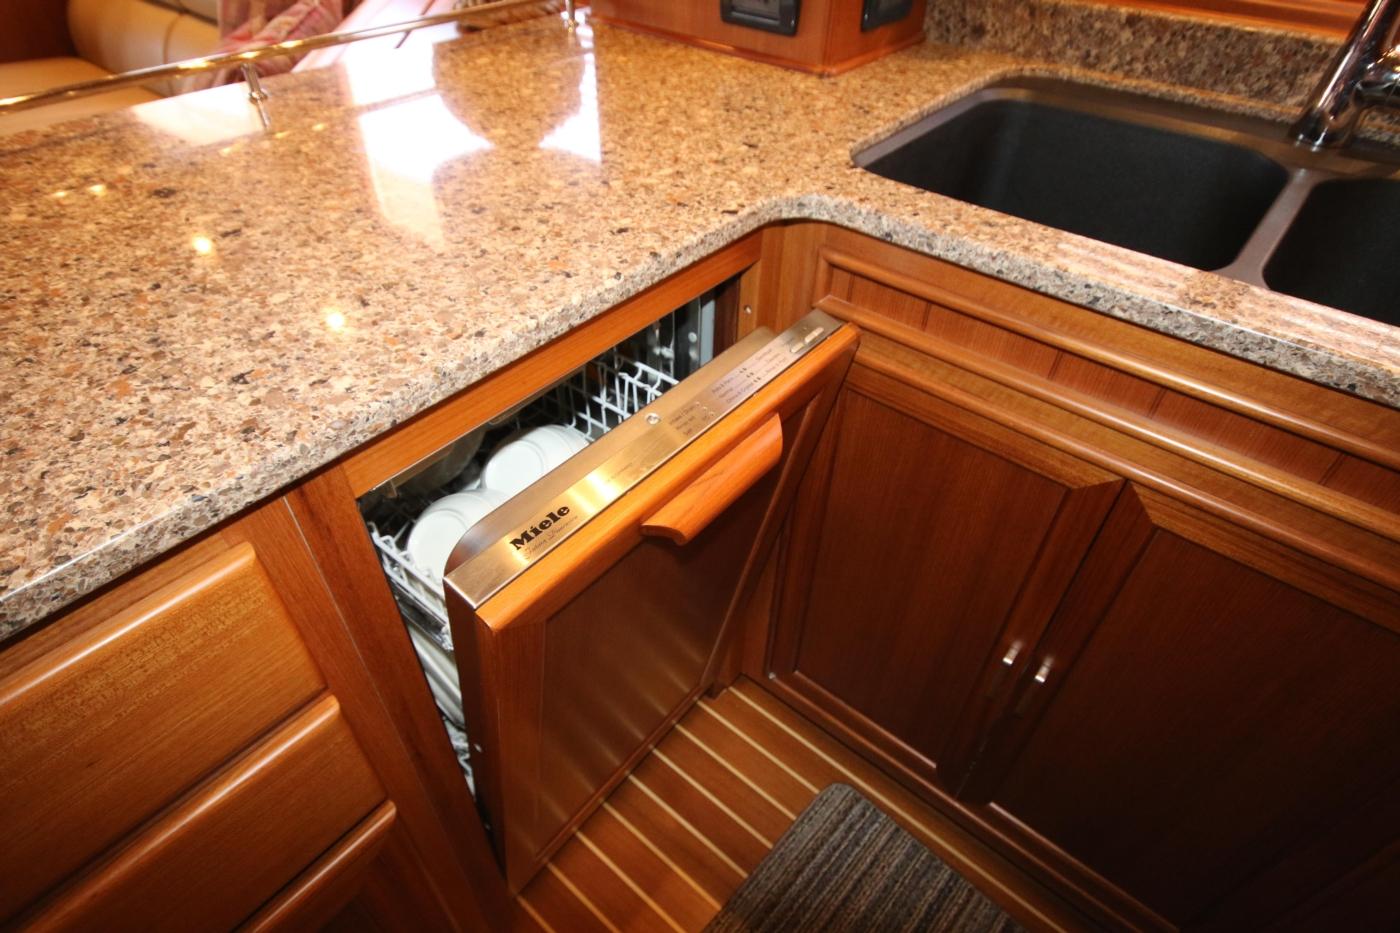 2015 Fleming 58 Pilothouse, Dishwasher